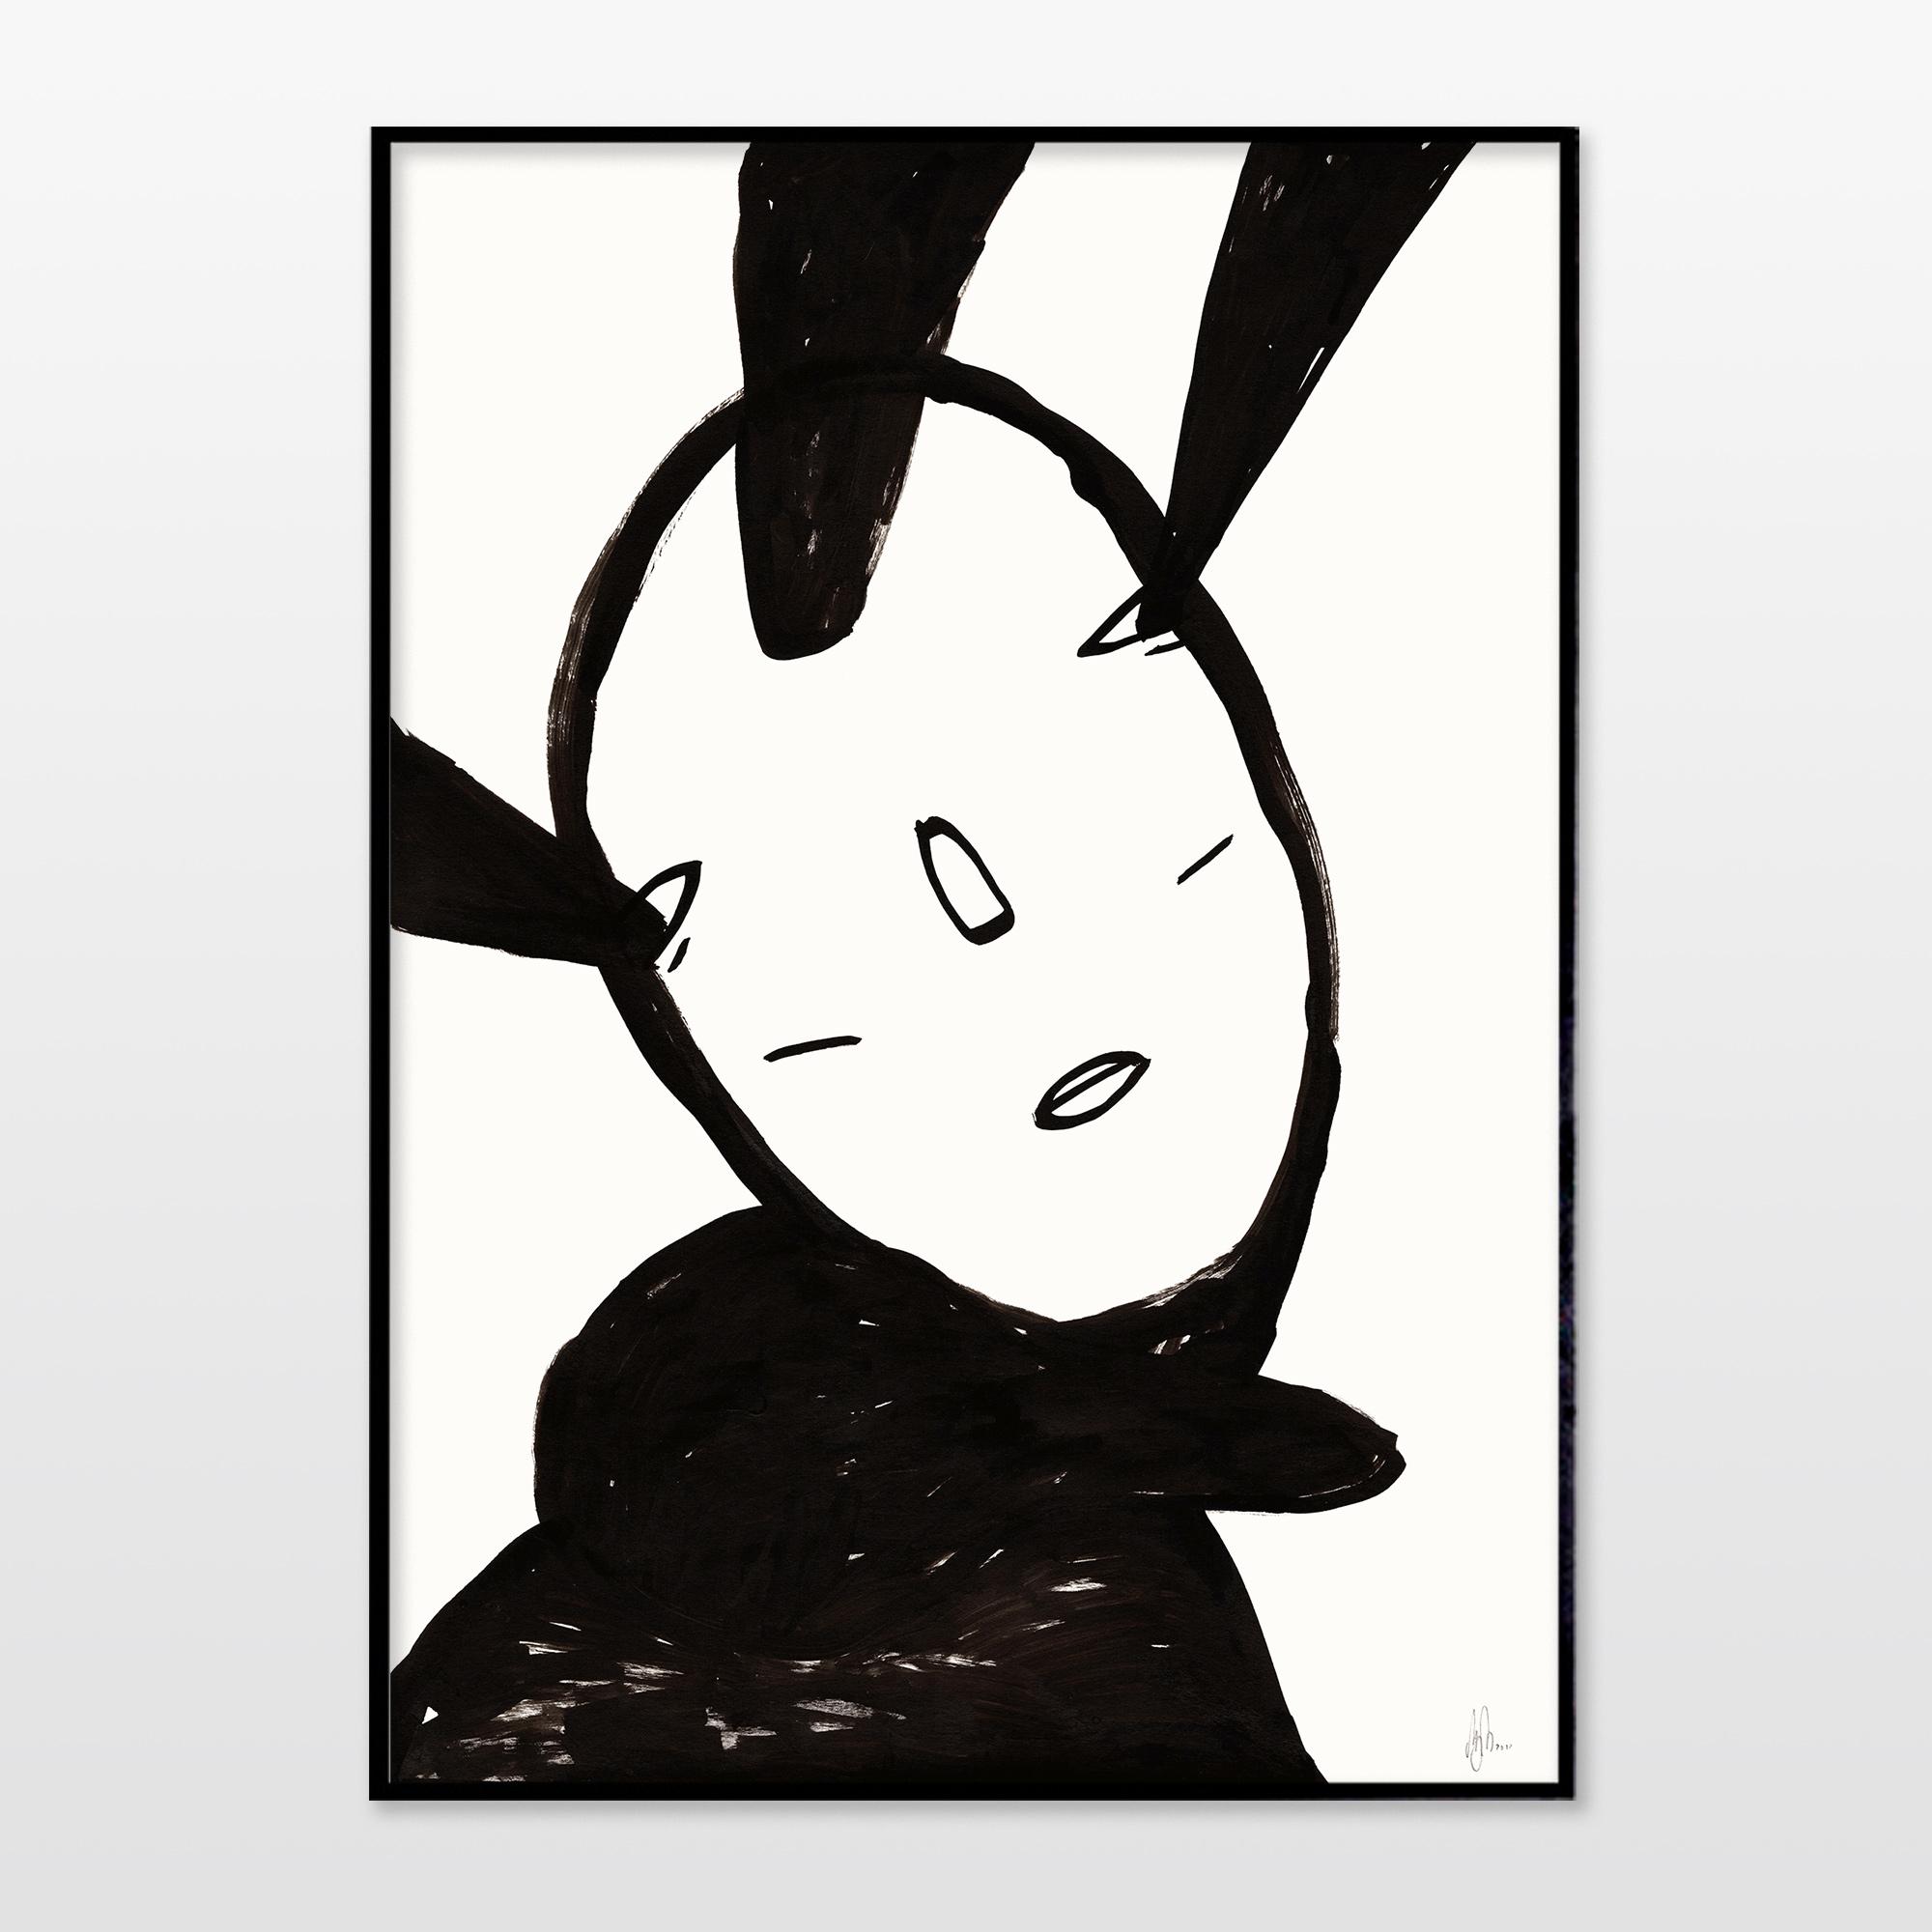 kunsttryk, gicleé, figurative, illustrative, minimalistiske, stemninger, mennesker, sorte, hvide, blæk, papir, sort-hvide, københavn, dansk, dekorative, design, interiør, bolig-indretning, moderne, moderne-kunst, nordisk, plakater, tryk, skandinavisk, Køb original kunst og kunstplakater. Malerier, tegninger, limited edition kunsttryk & plakater af dygtige kunstnere.